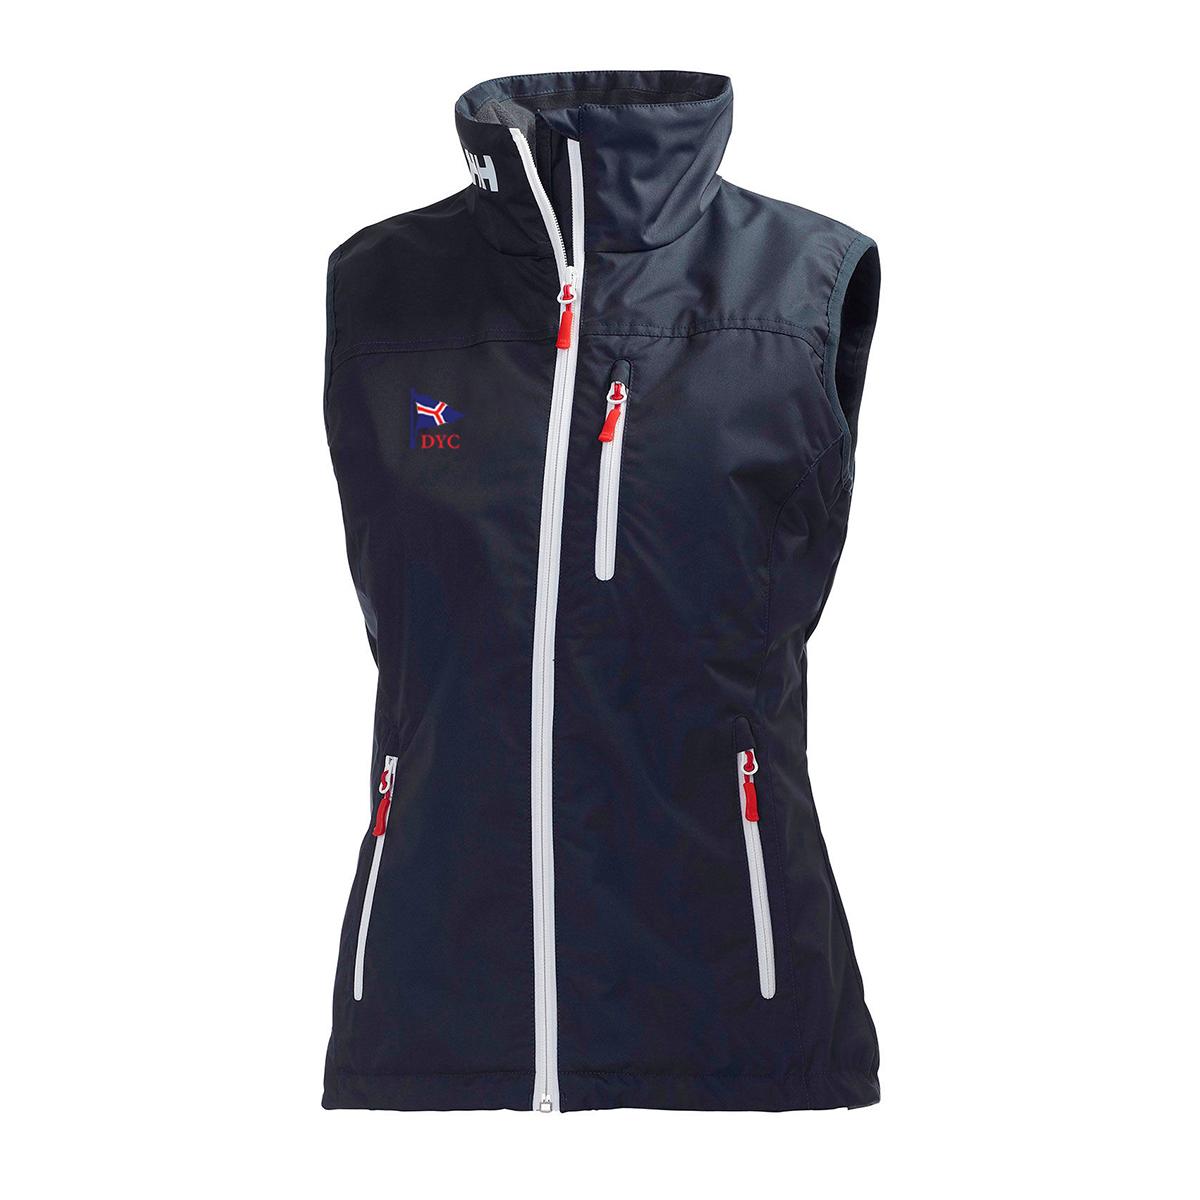 Devon Yacht Club - Women's Helly Hansen Crew Vest